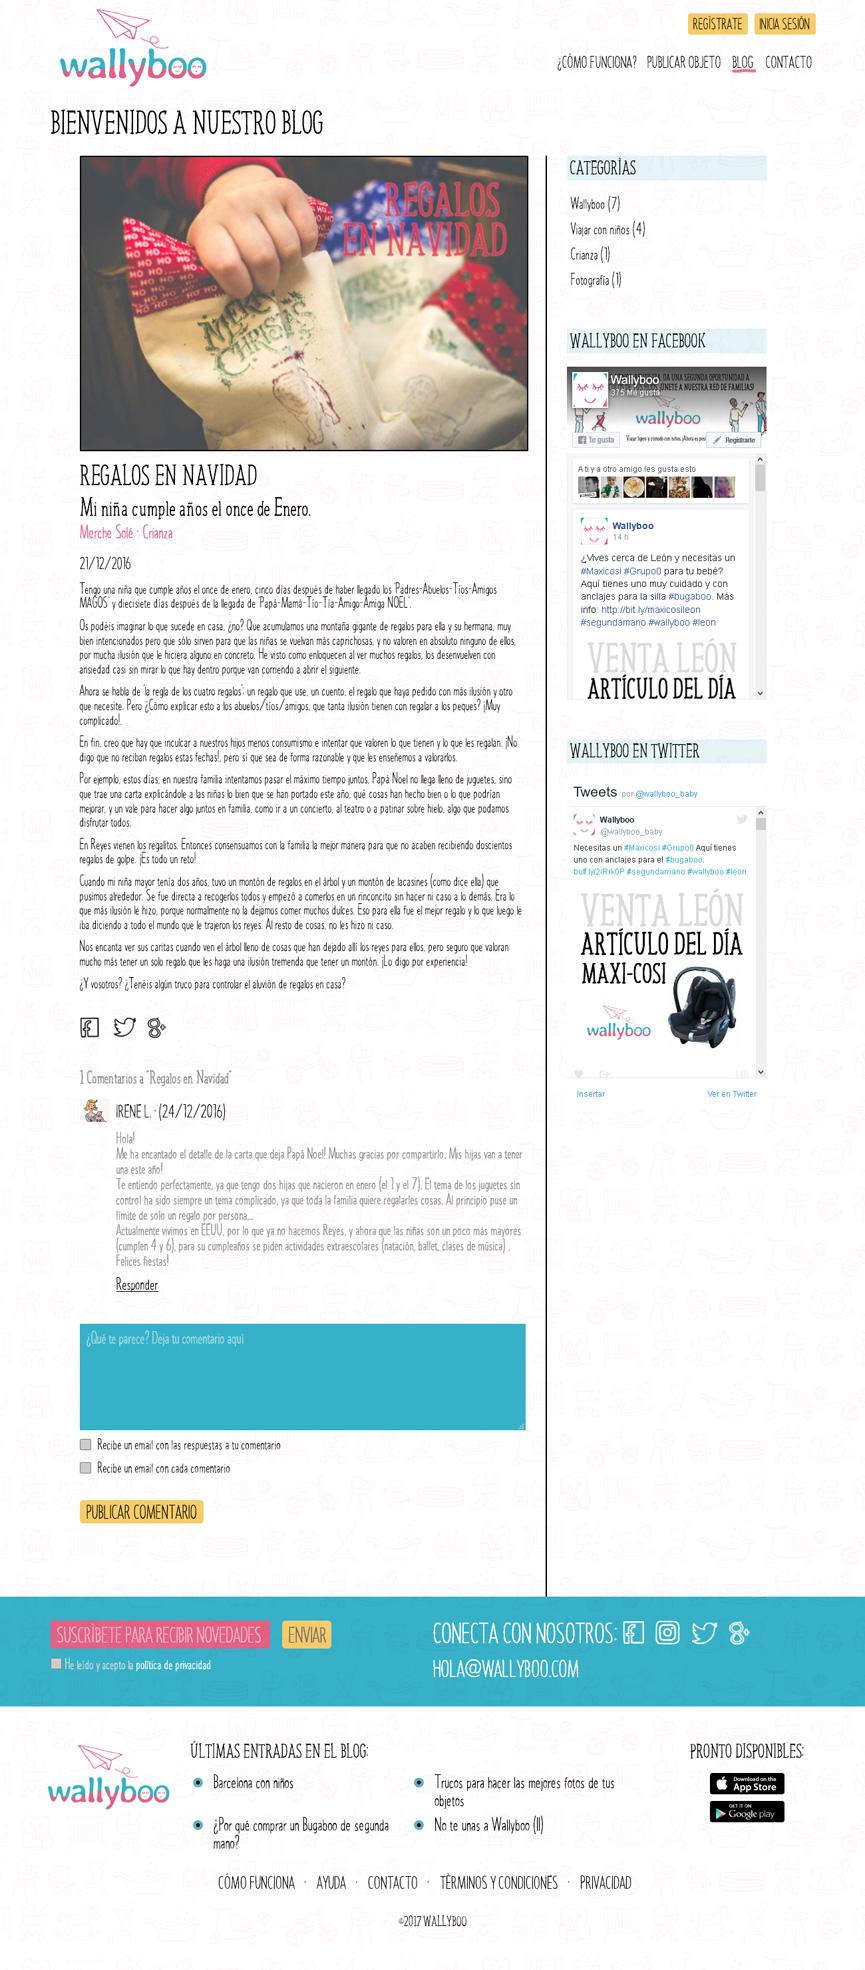 Blog de wallyboo. Plataforma para el alquiler y venta de objetos de segunda mano de niños y bebés